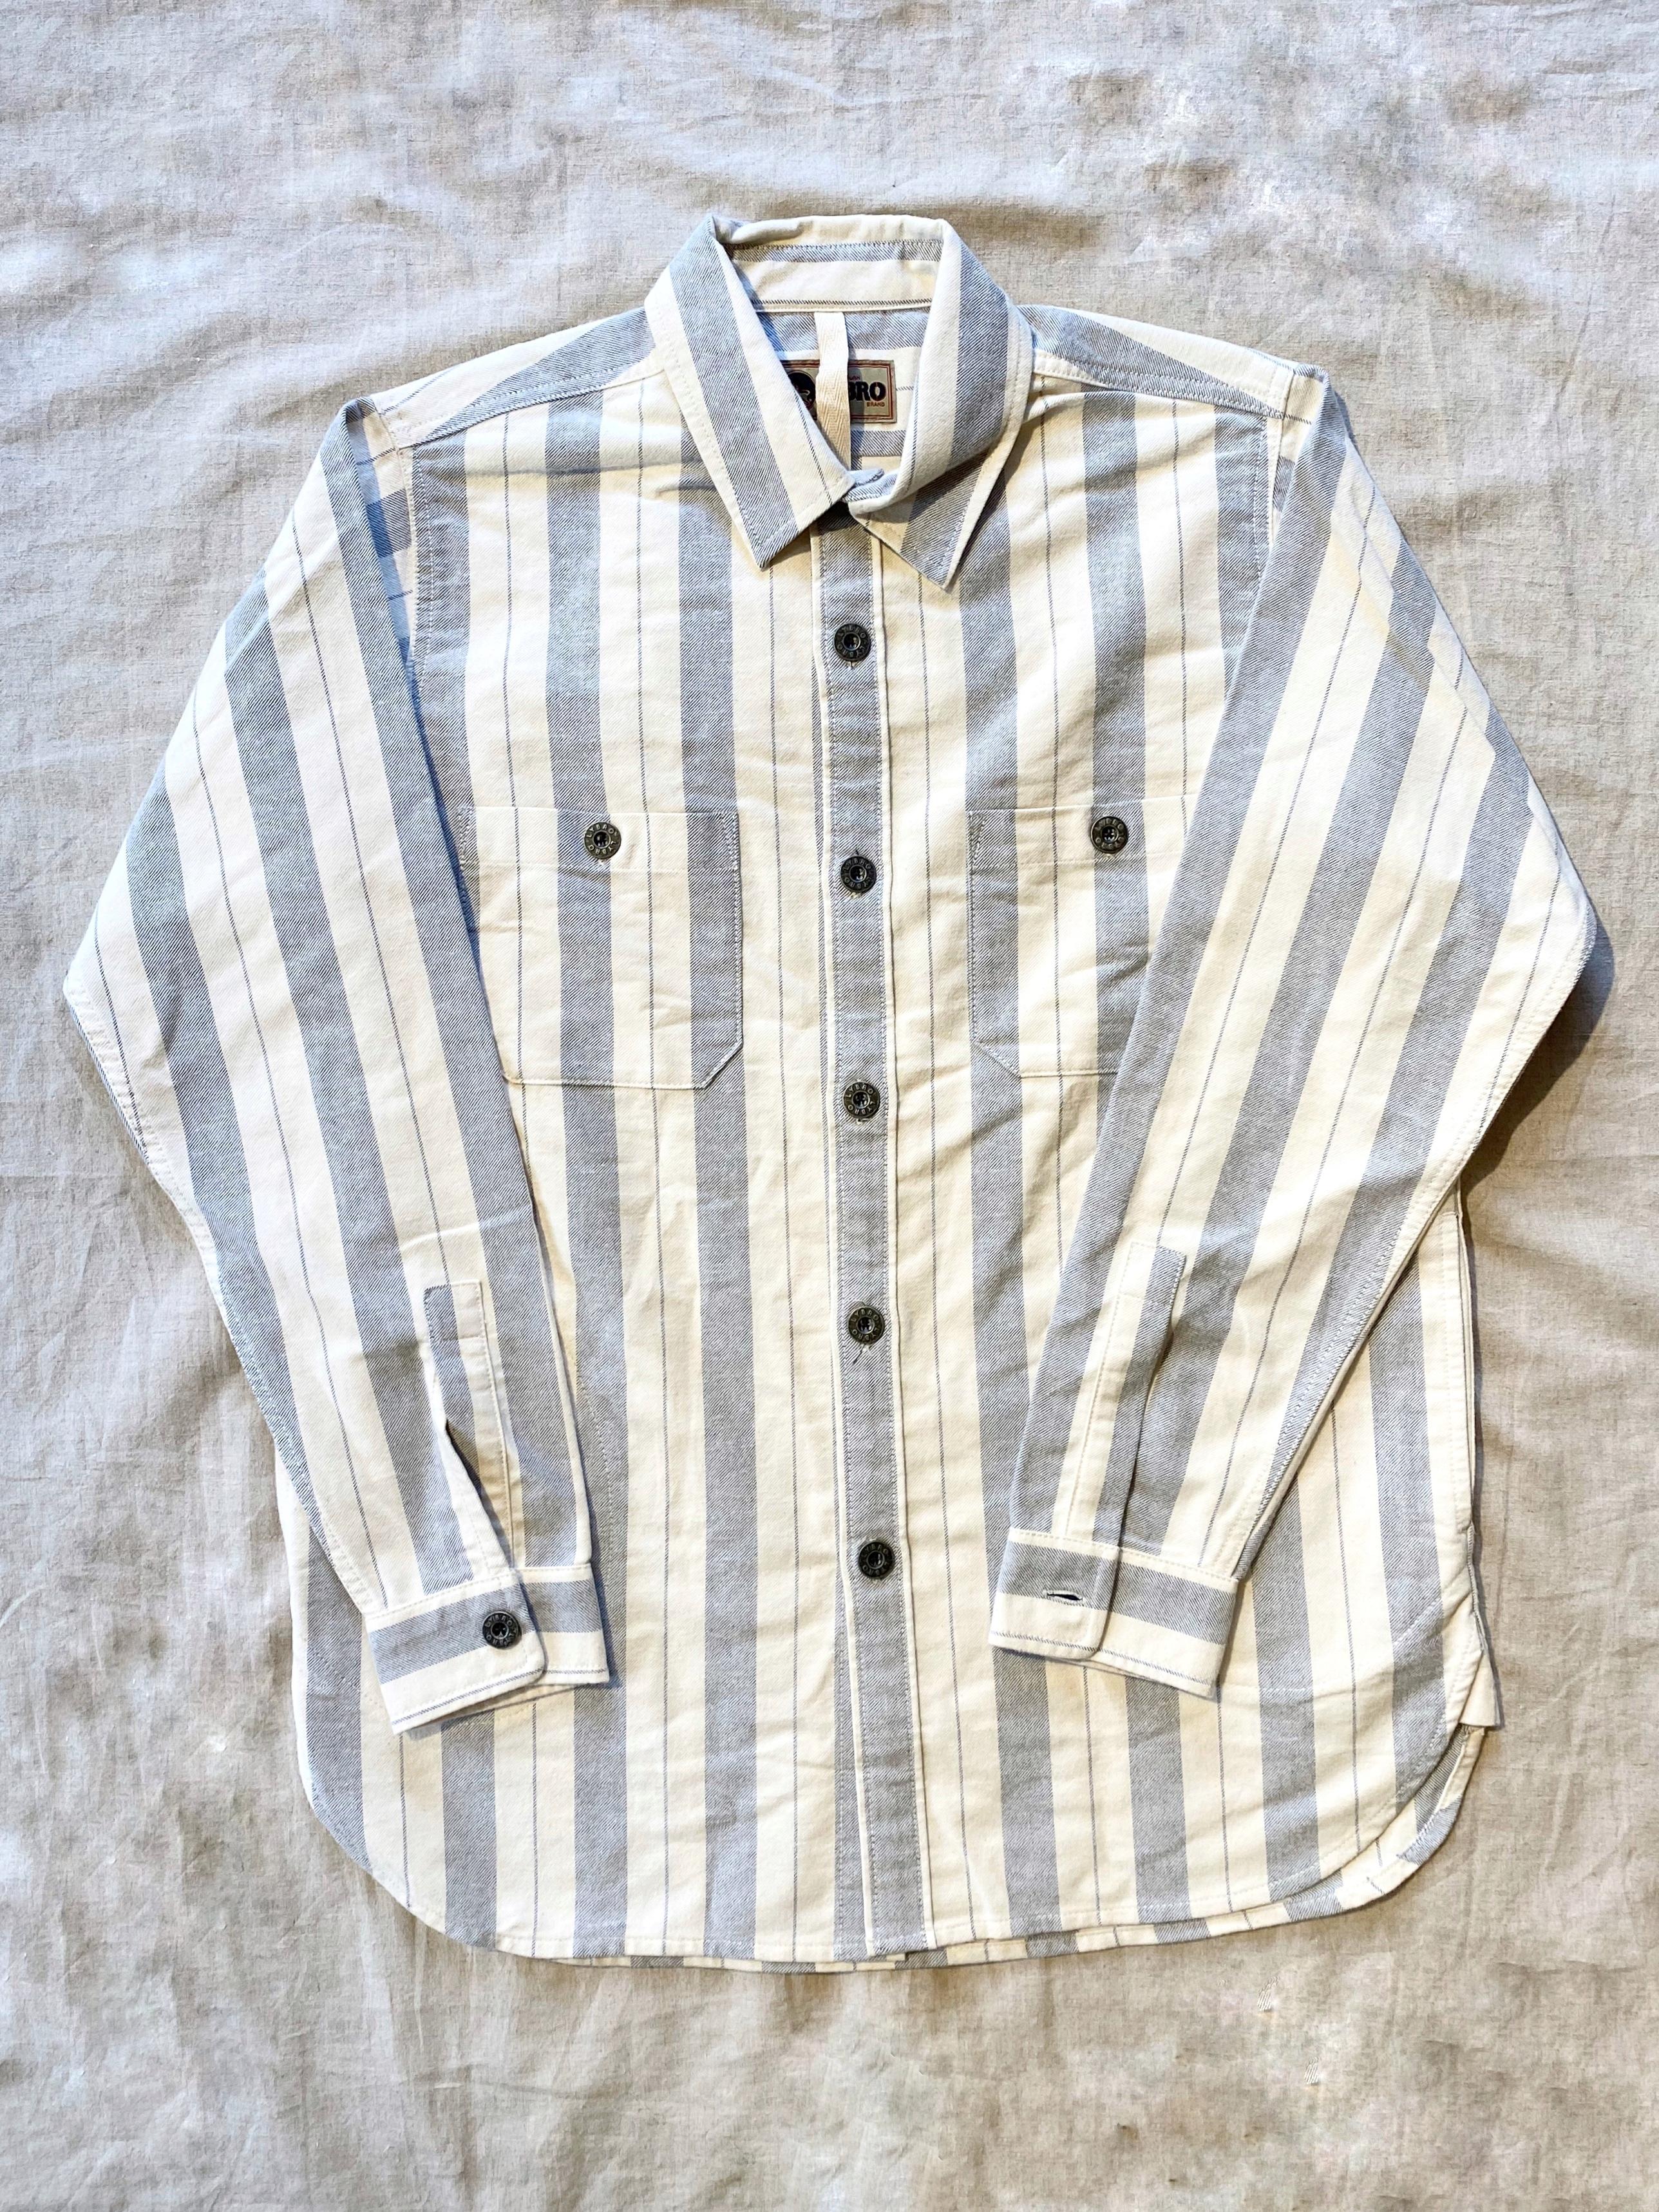 アークティックシャツコットンストライプ / ARCTIC SHIRT COTTON STRIPE